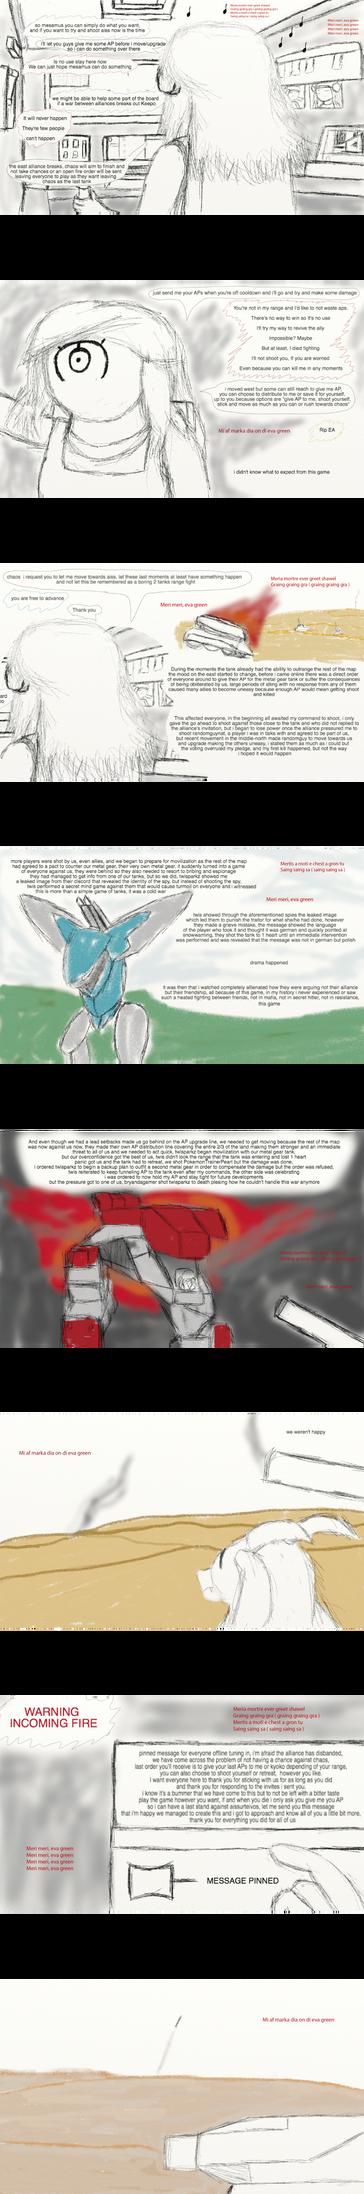 The second TTT war - Range-war by mesamus